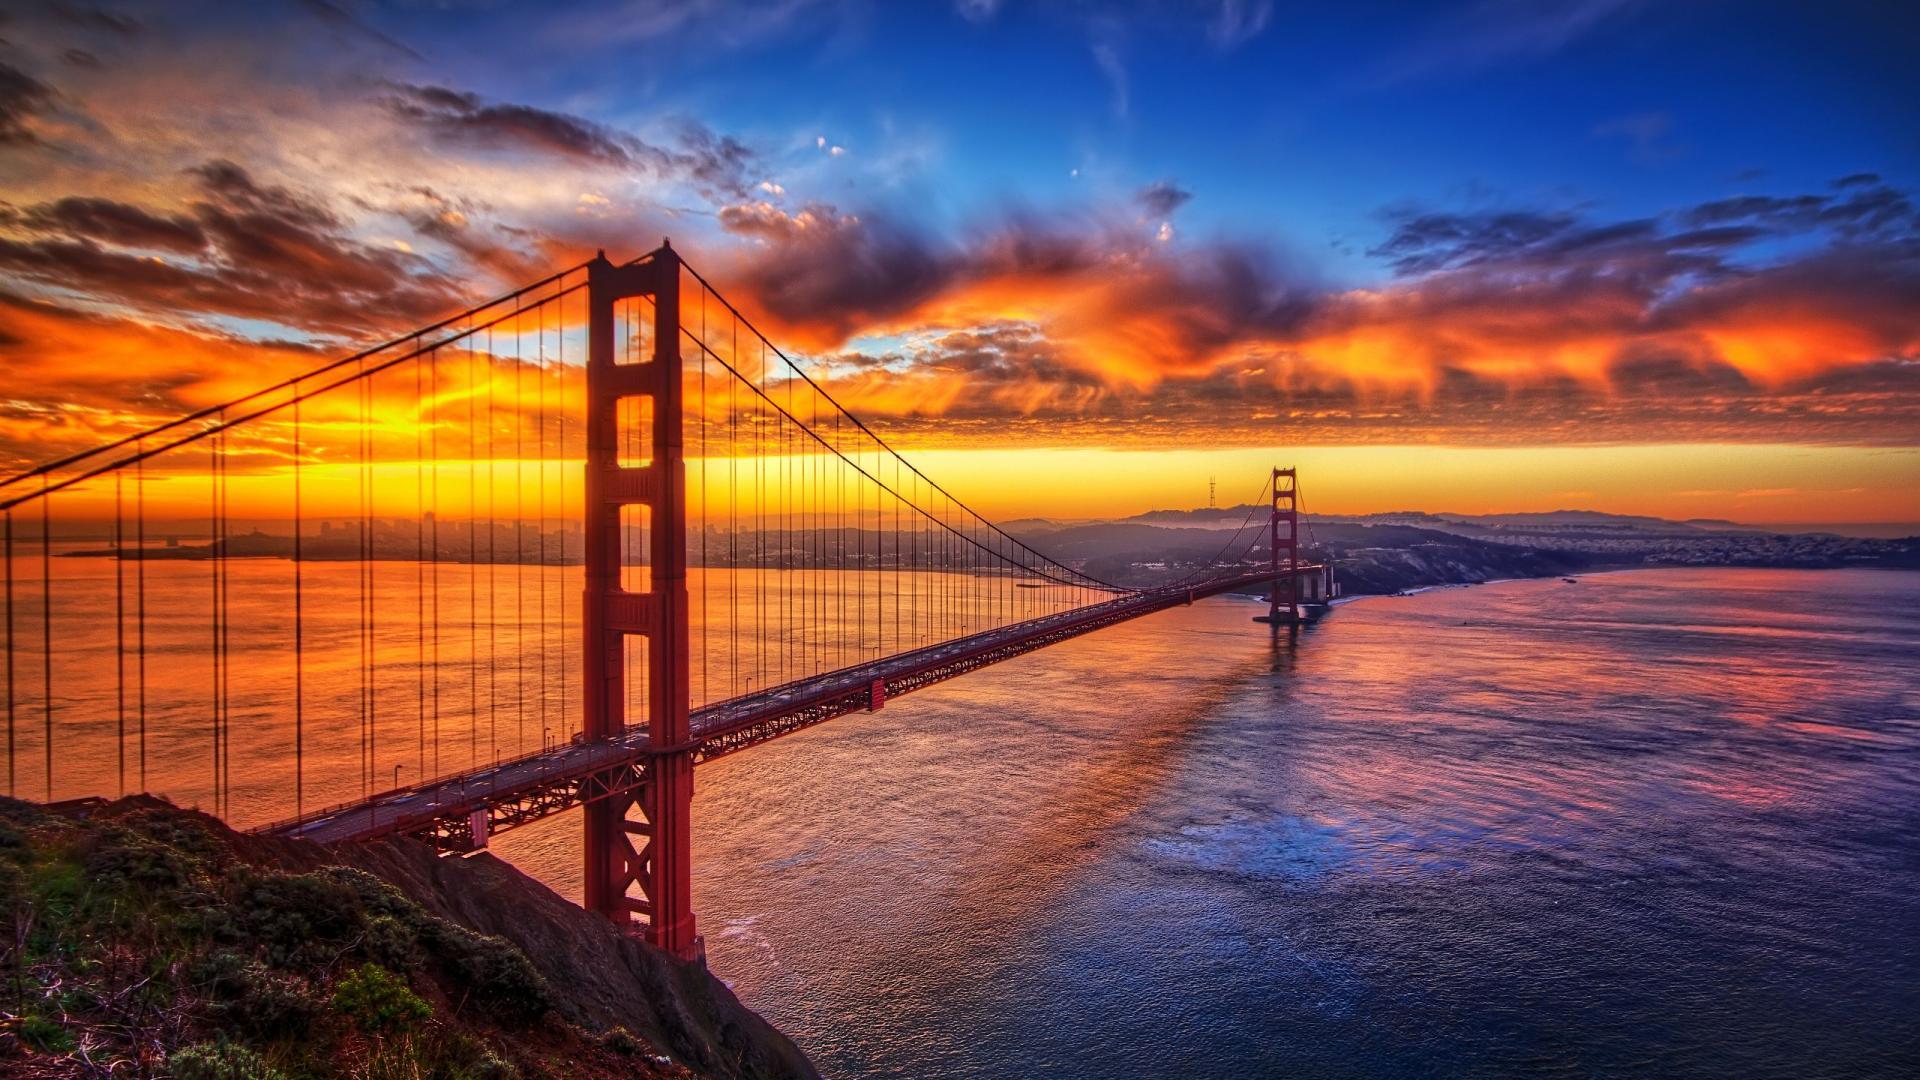 Golden Gate Bridge #7